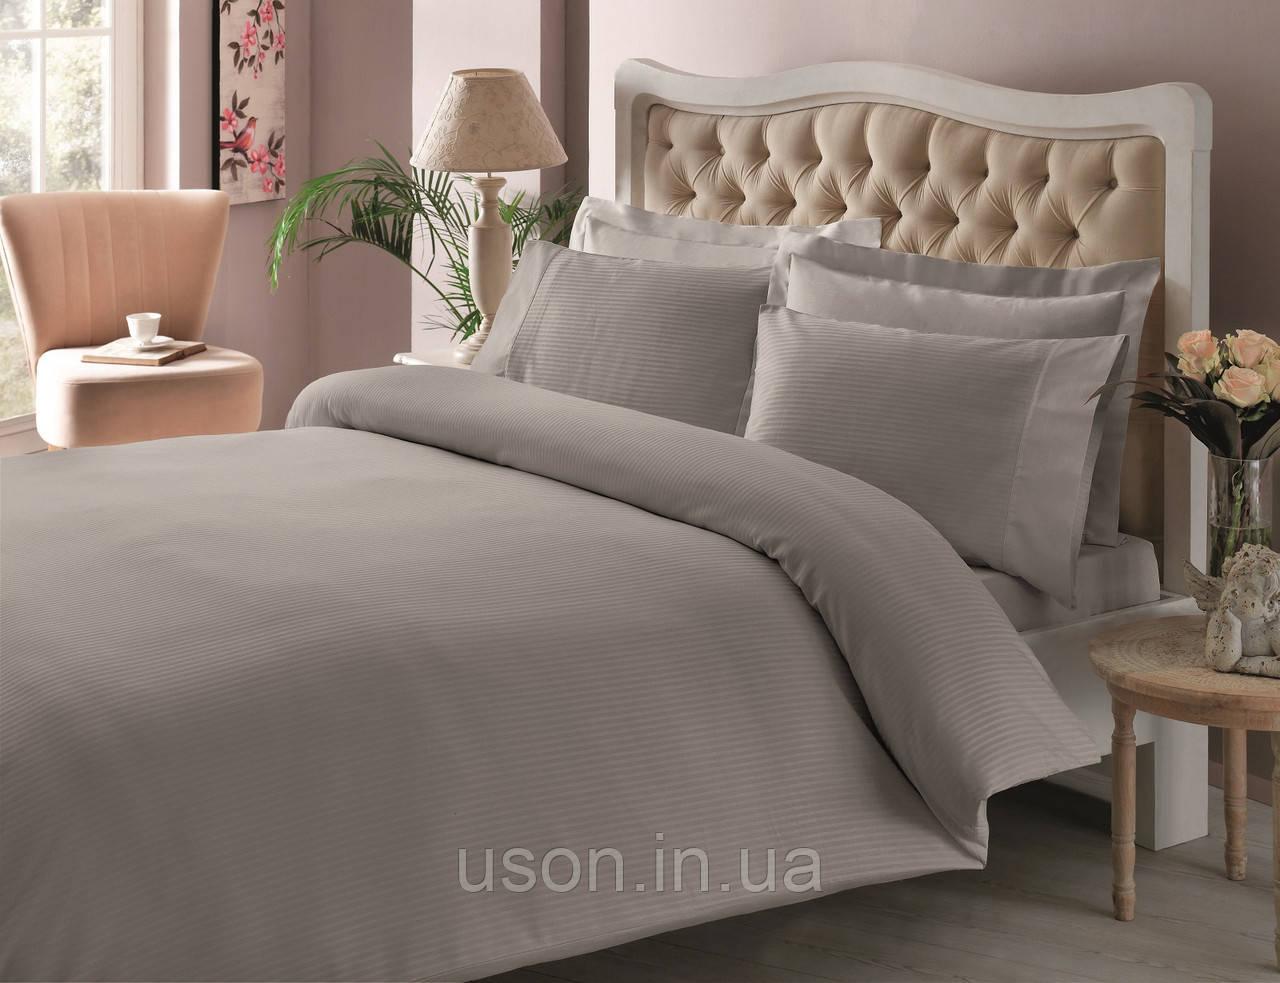 Комплект постельного белья Tac Premium Basic сатин страйп евро размер 200*220 antrasit